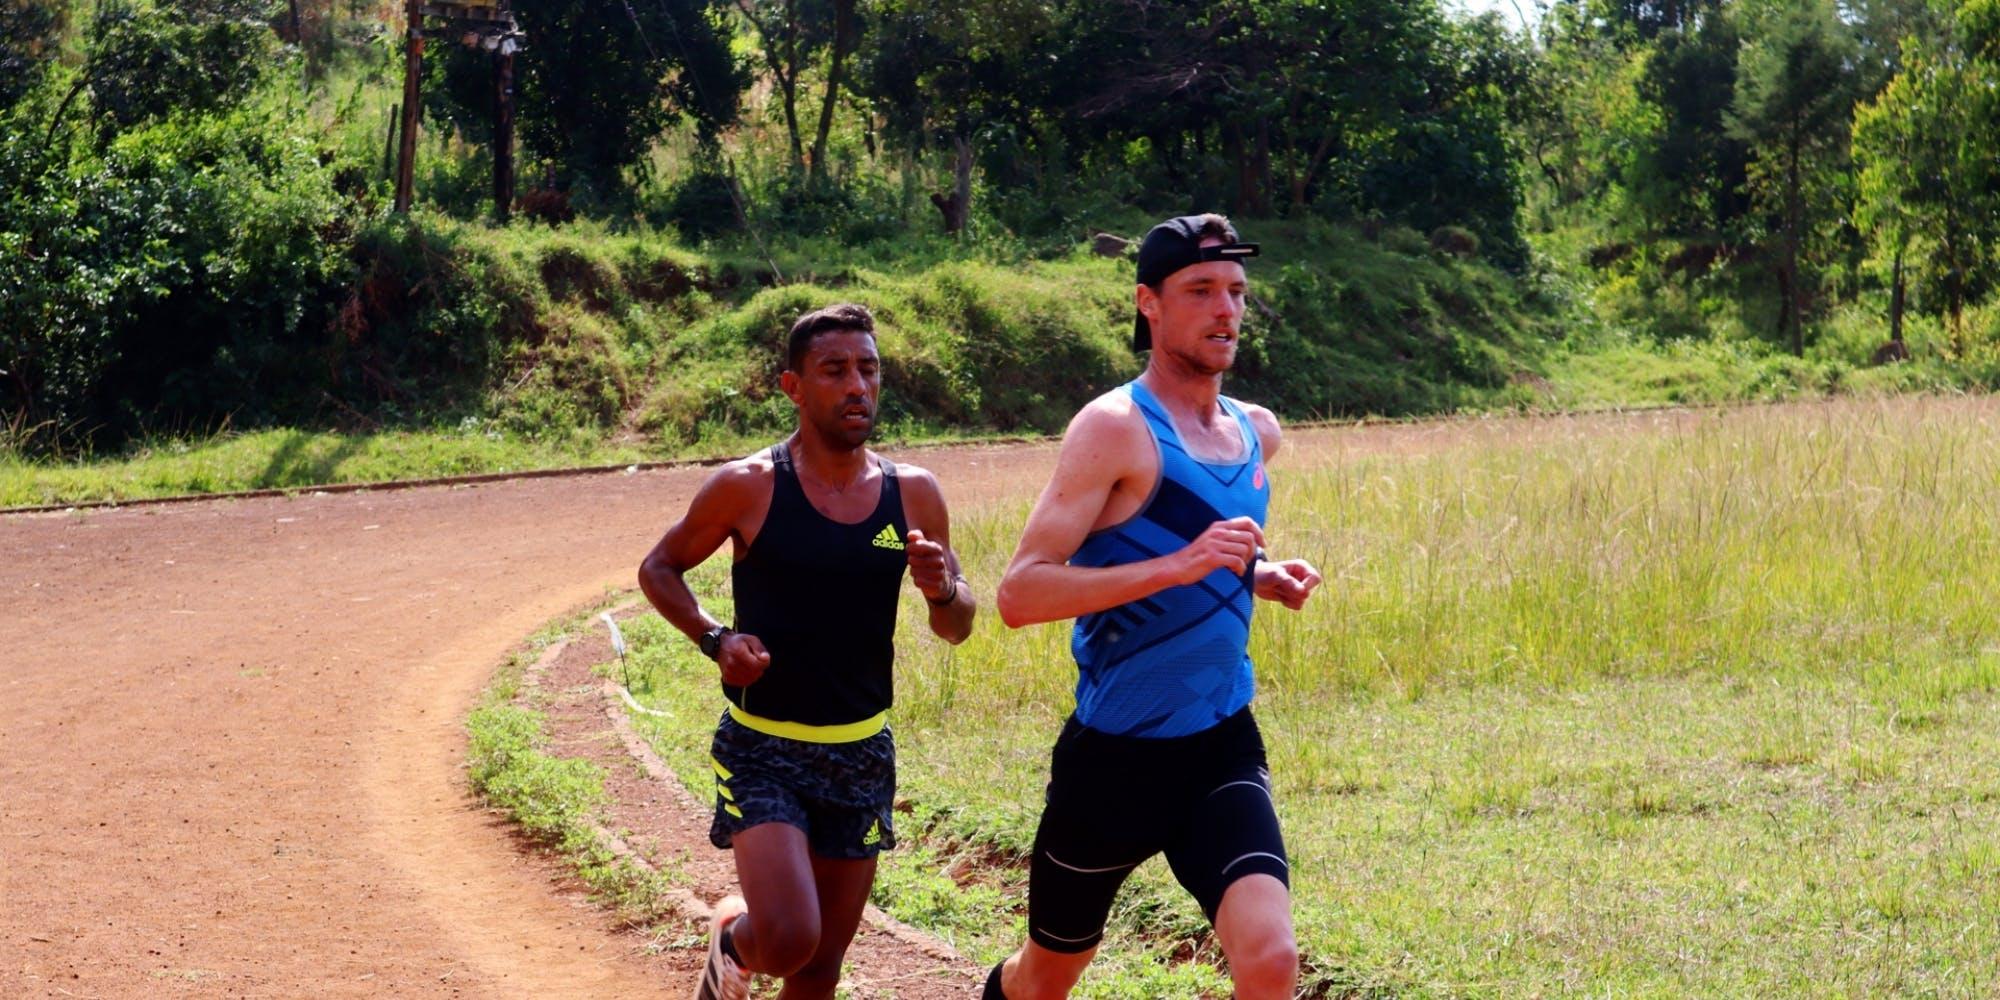 Kenya's Report: Το Runbeat στην προετοιμασία του Koen Naert για τους Ολυμπιακούς Αγώνες